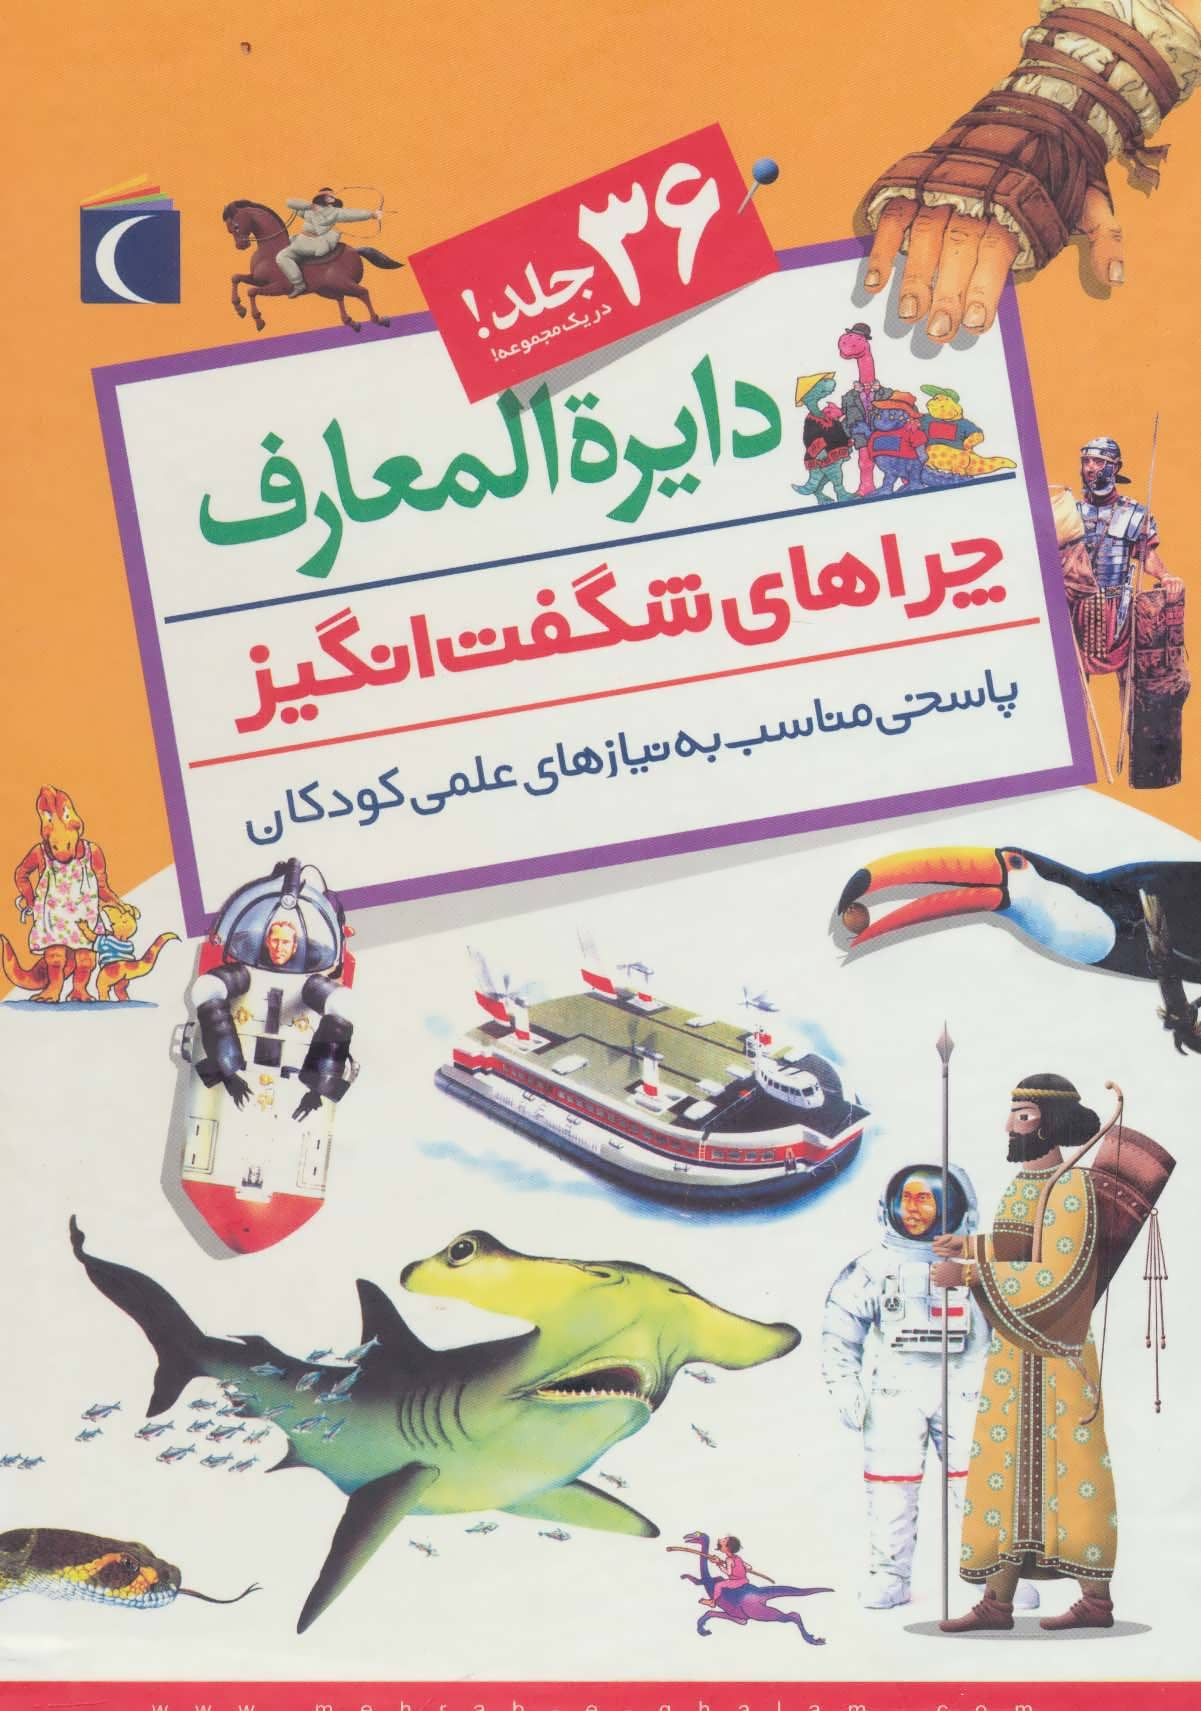 مجموعه دايره المعارف چراهاي شگفت انگيز (36جلدي،باقاب)